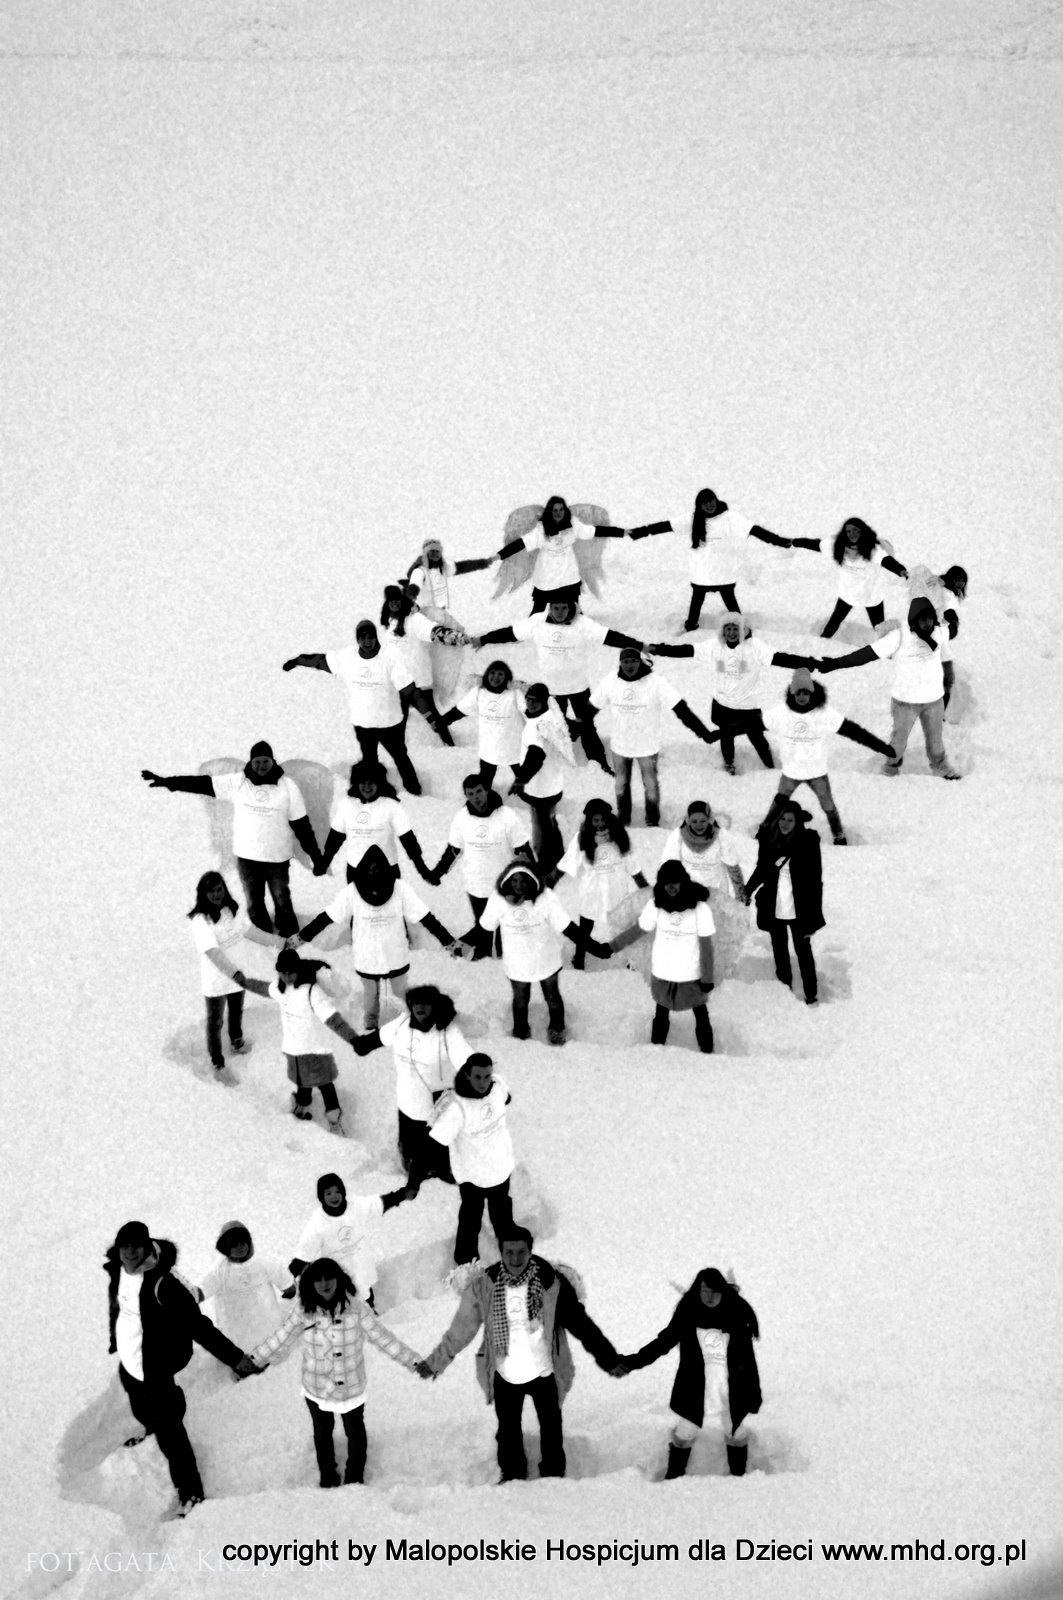 Wielki happening anielski, który odbył się w Zakopanem w sobotę, 28.12.2012 roku. Wolontariusze MHD pokazali po raz kolejny, że wolontariat naprawdę dodaje skrzydeł :):):) foto: Agata Krząstek - wolontariuszka MHD